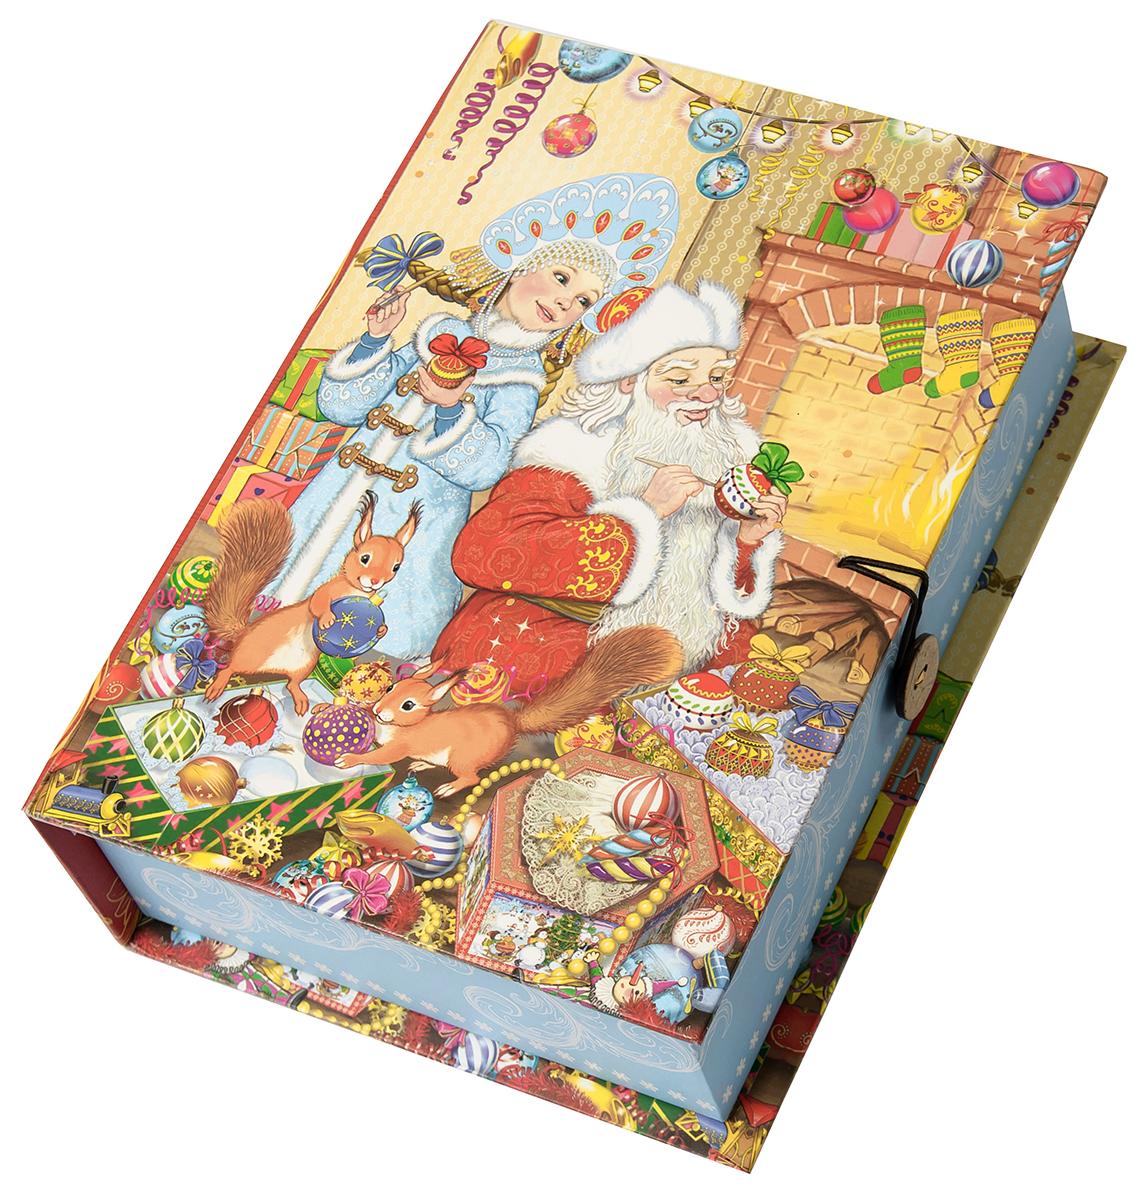 Коробка подарочная Magic Time Внучка Деда Мороза, размер S. 7504275042Подарочная коробка Magic Time, выполненная из мелованного, ламинированного картона, закрывается на пуговицу. Крышка оформлена декоративным рисунком.Подарочная коробка - это наилучшее решение, если вы хотите порадовать ваших близких и создать праздничное настроение, ведь подарок, преподнесенный в оригинальной упаковке, всегда будет самым эффектным и запоминающимся. Окружите близких людей вниманием и заботой, вручив презент в нарядном, праздничном оформлении.Плотность картона: 1100 г/м2.